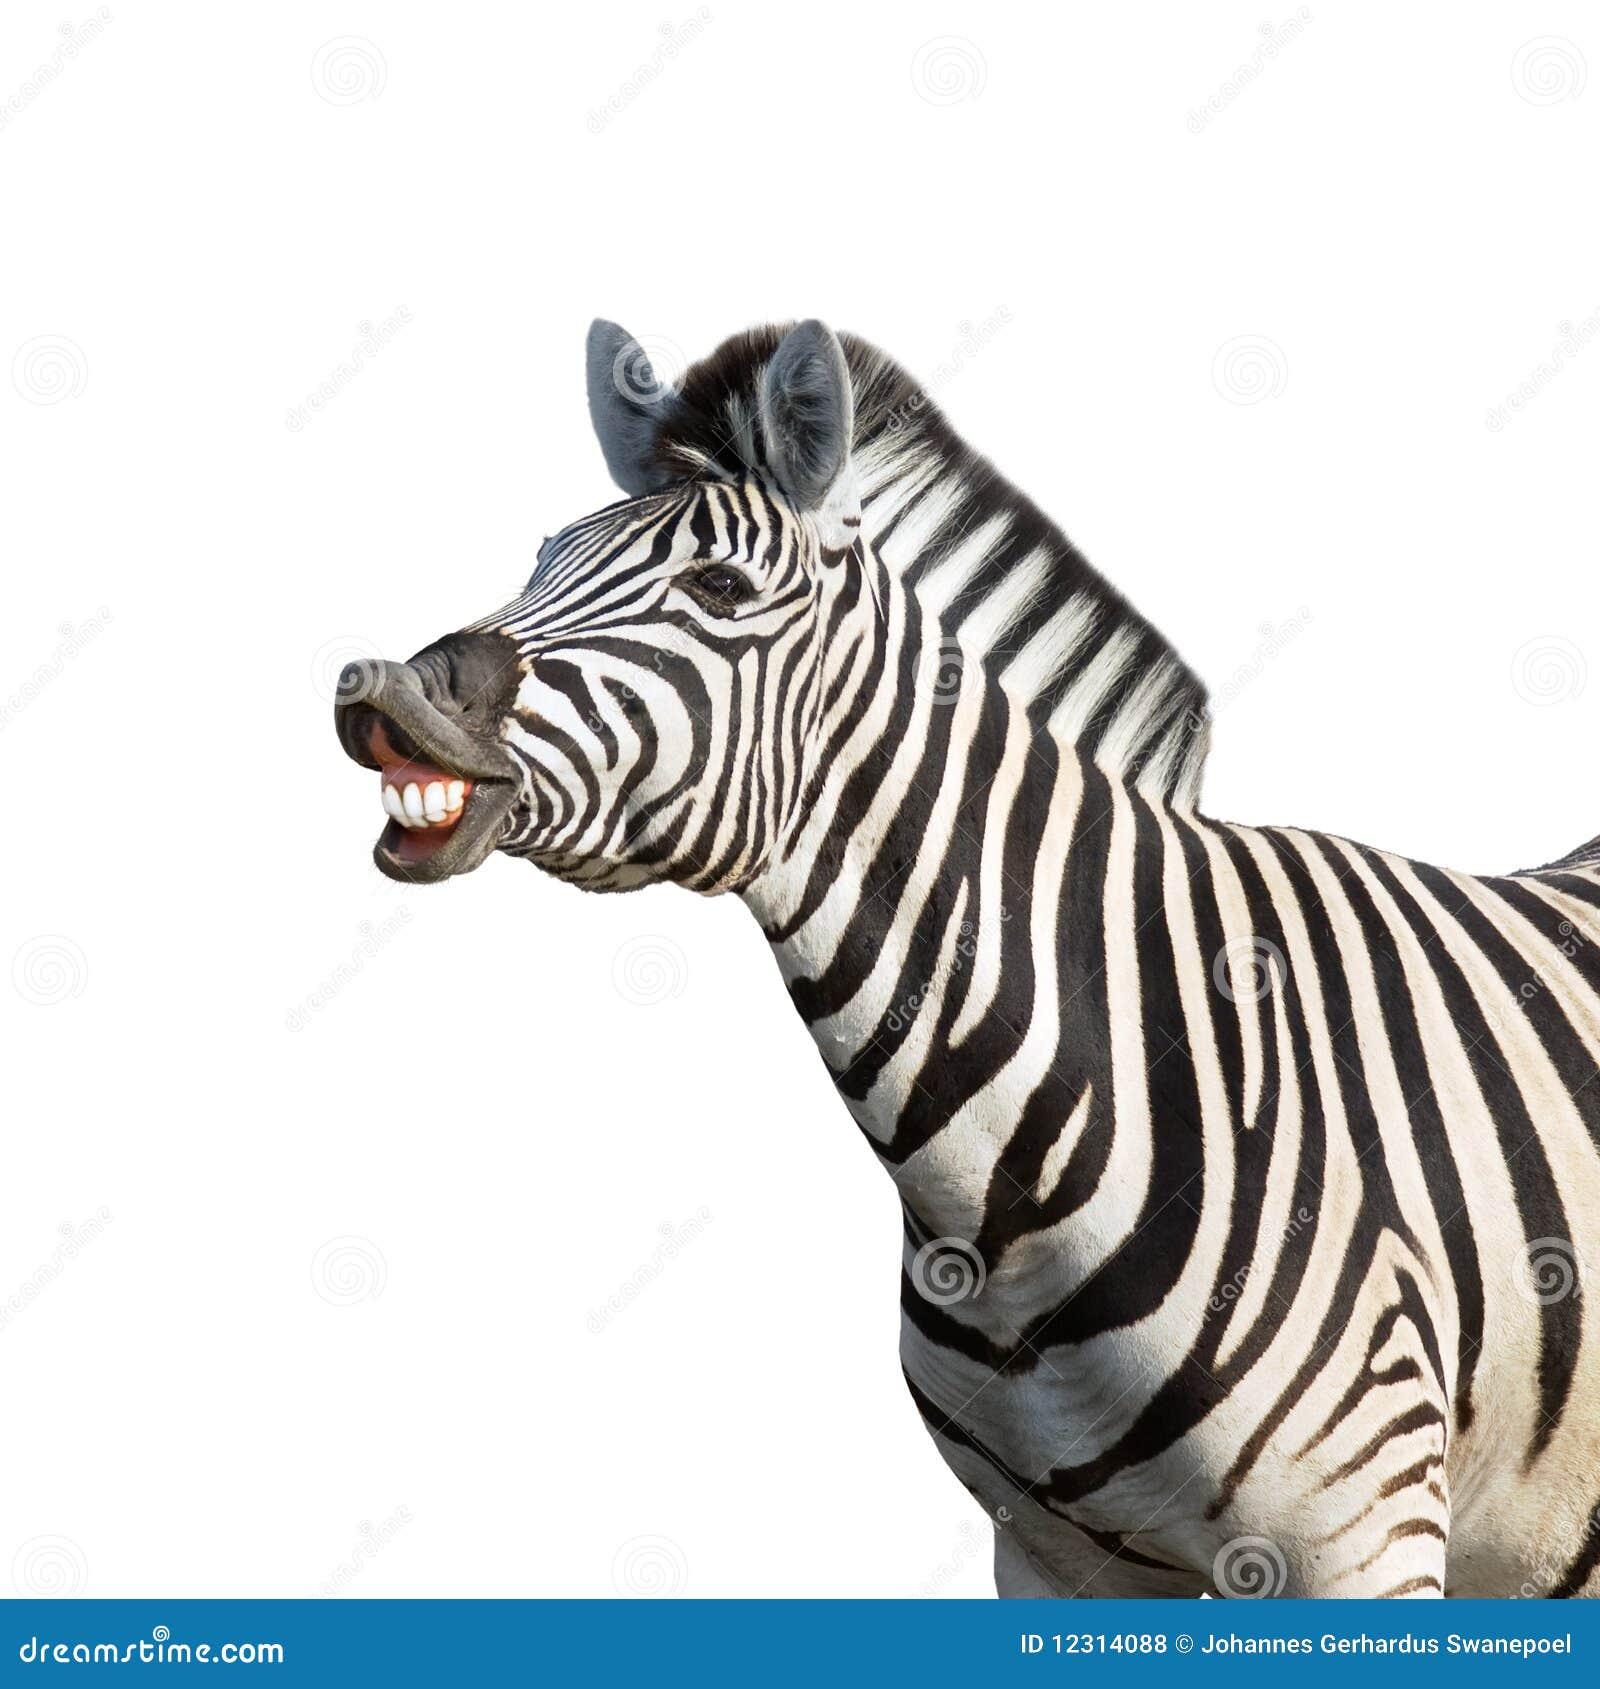 Laughing Zebra Royalty Free Stock Photos - Image: 12314088 - photo#29